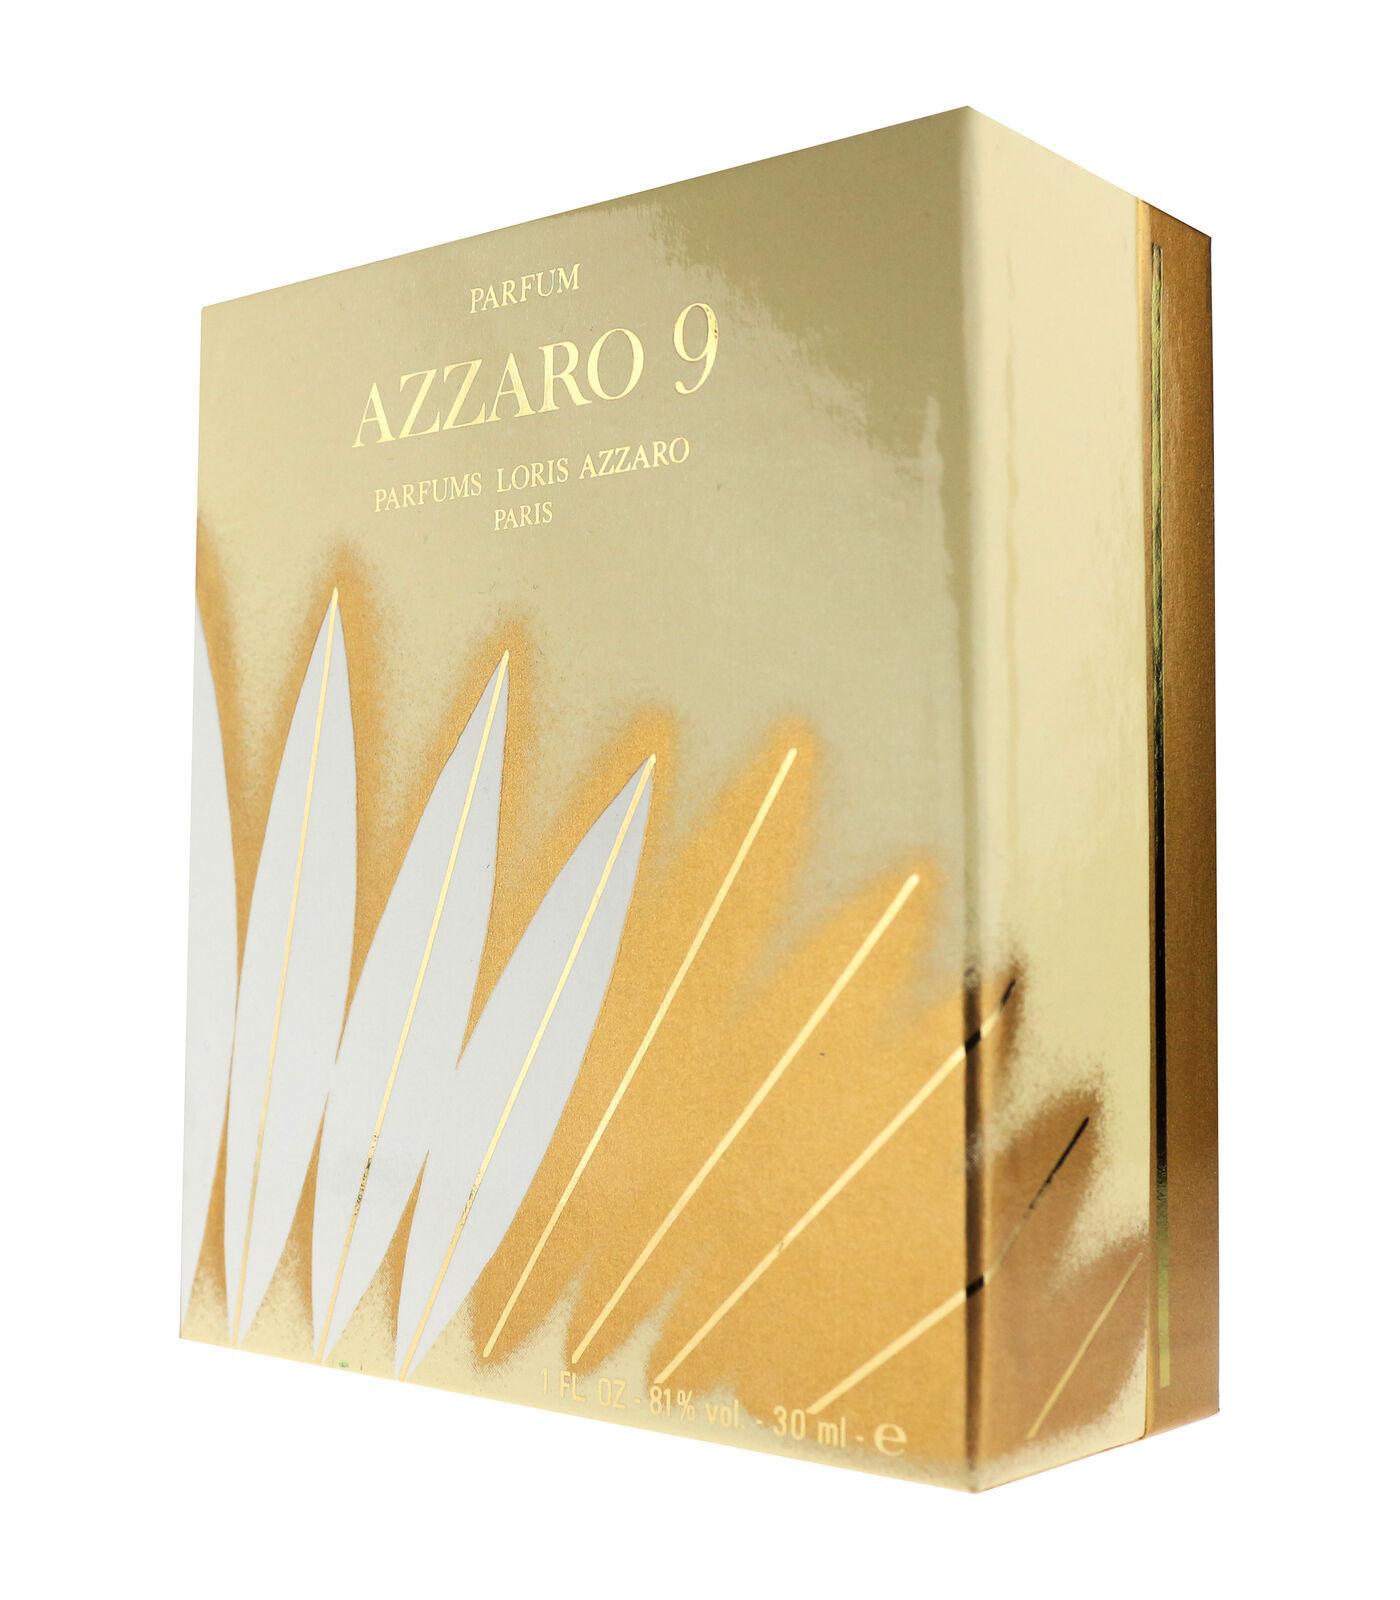 Azzaro azzaro 9 3.4 oz pure perfume set